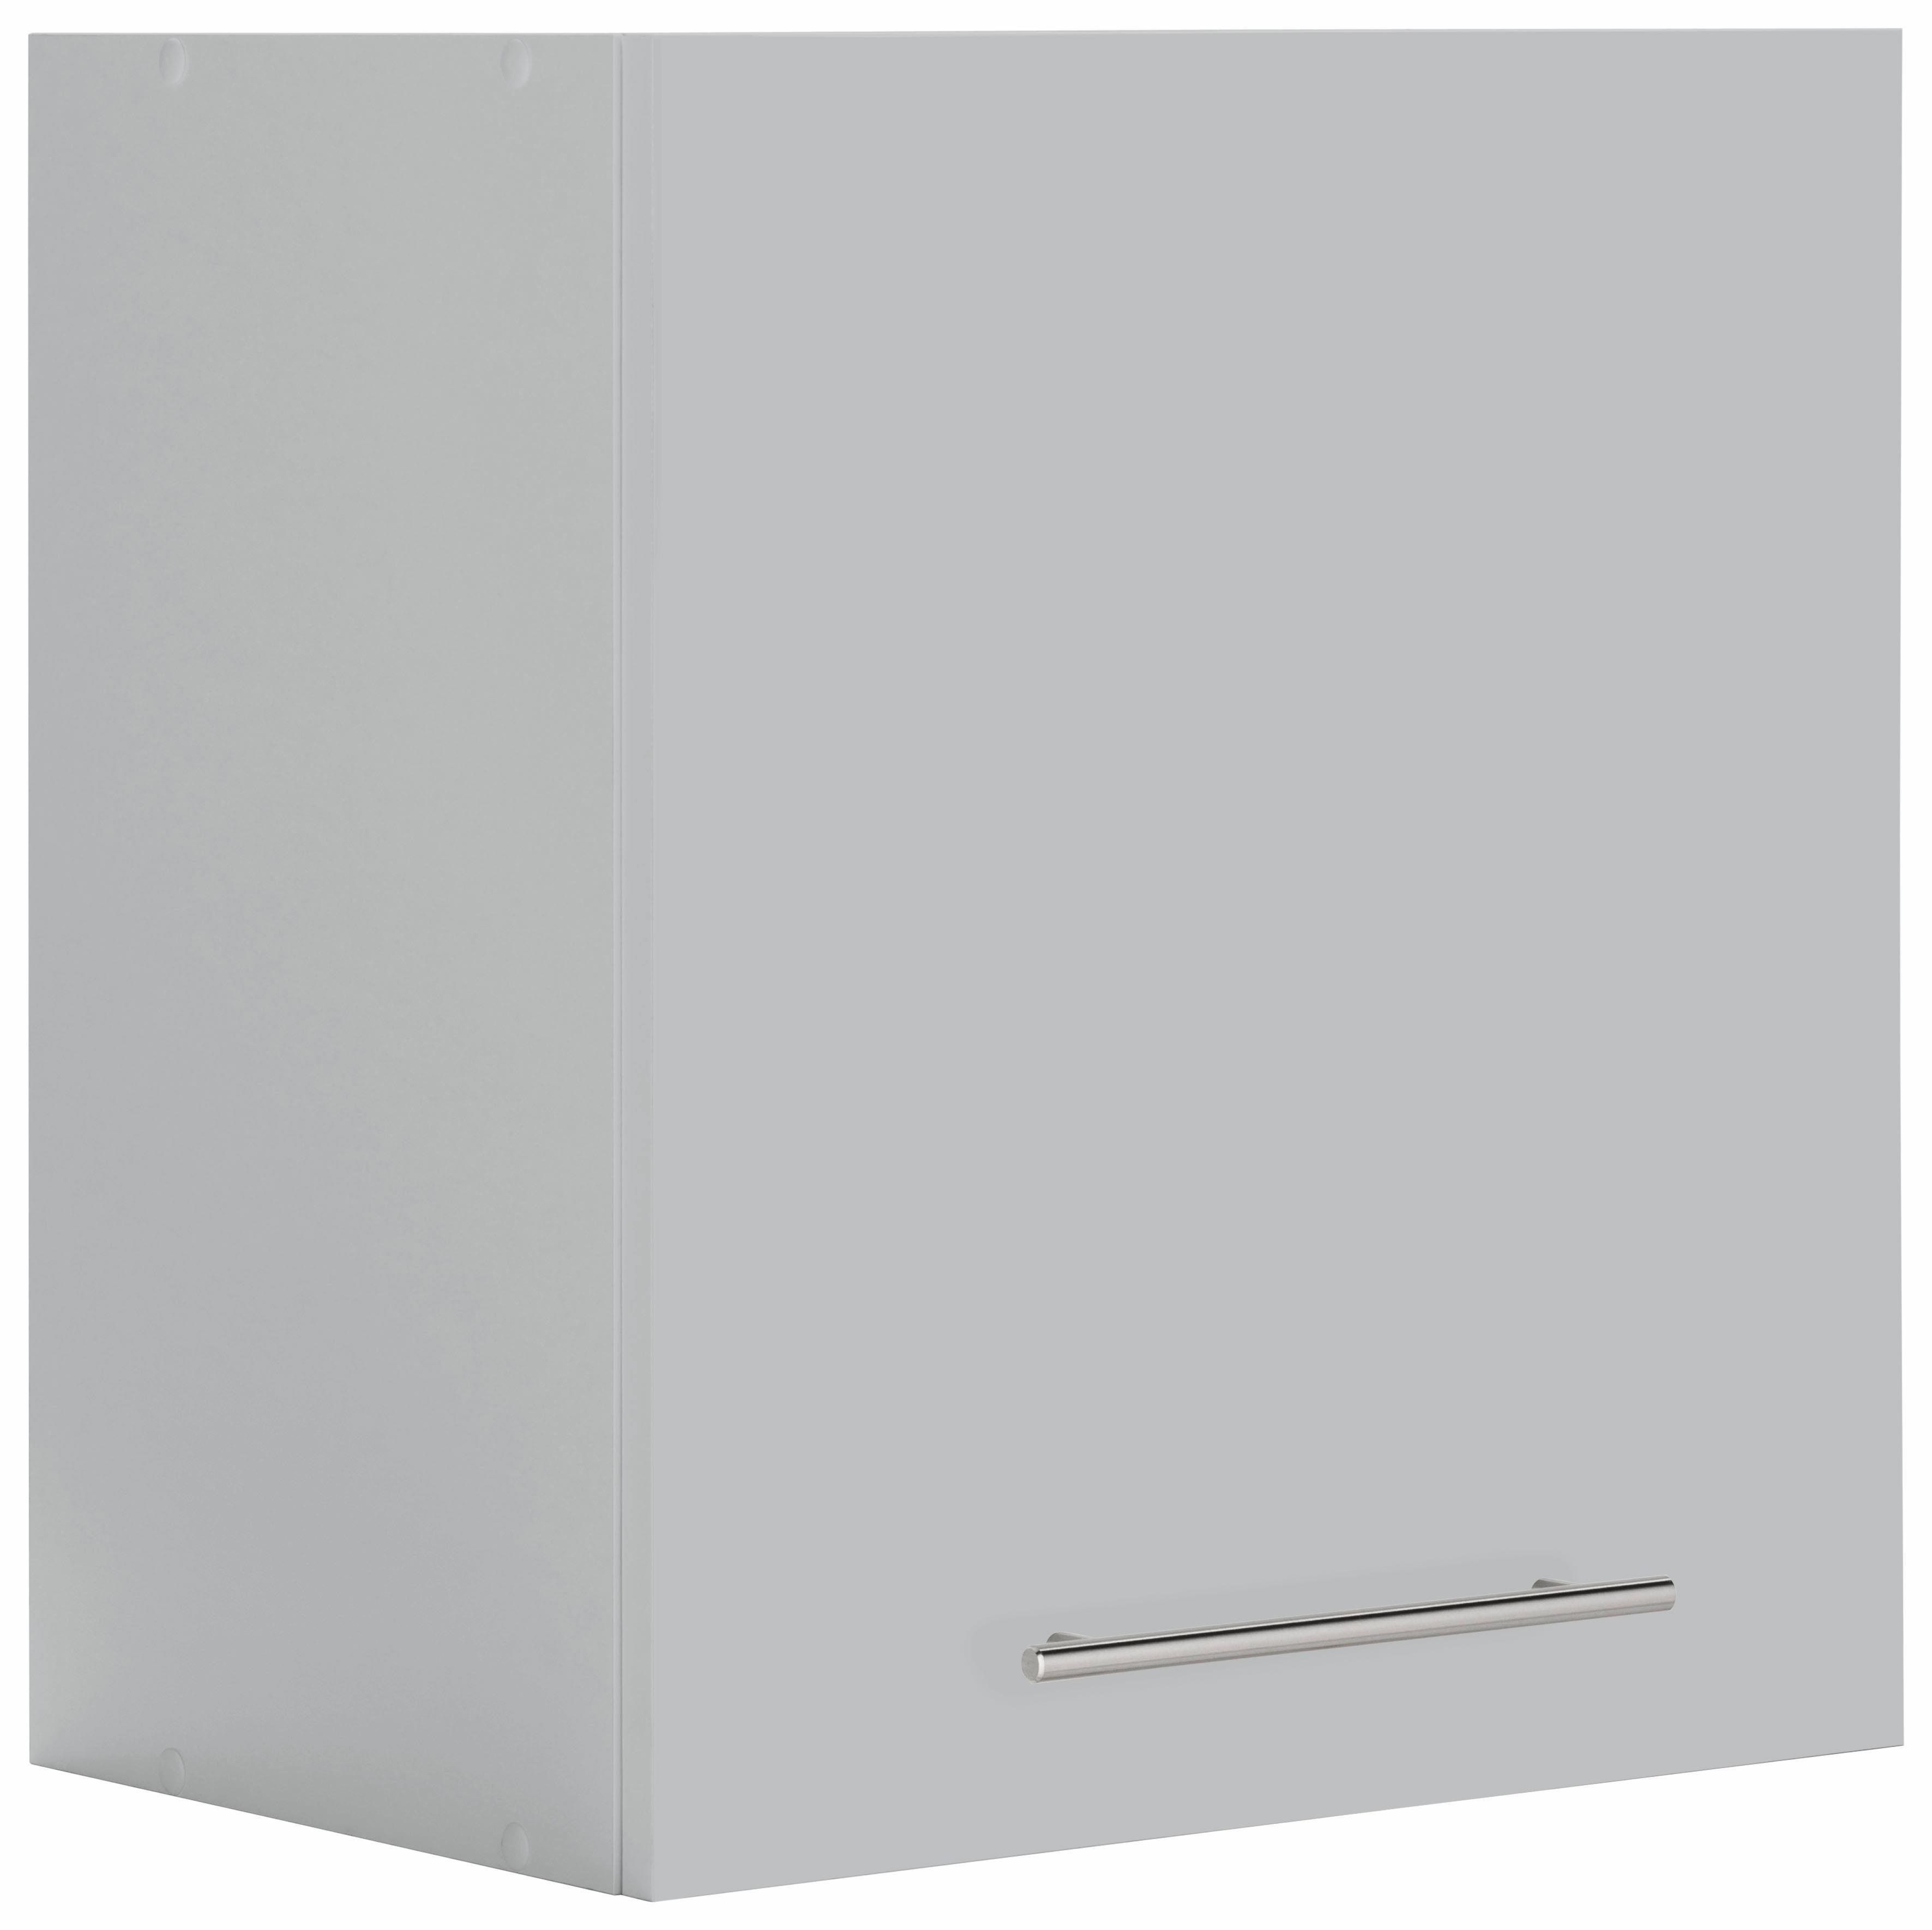 grau-melamin Küchen-Hängeschränke online kaufen | Möbel-Suchmaschine ...